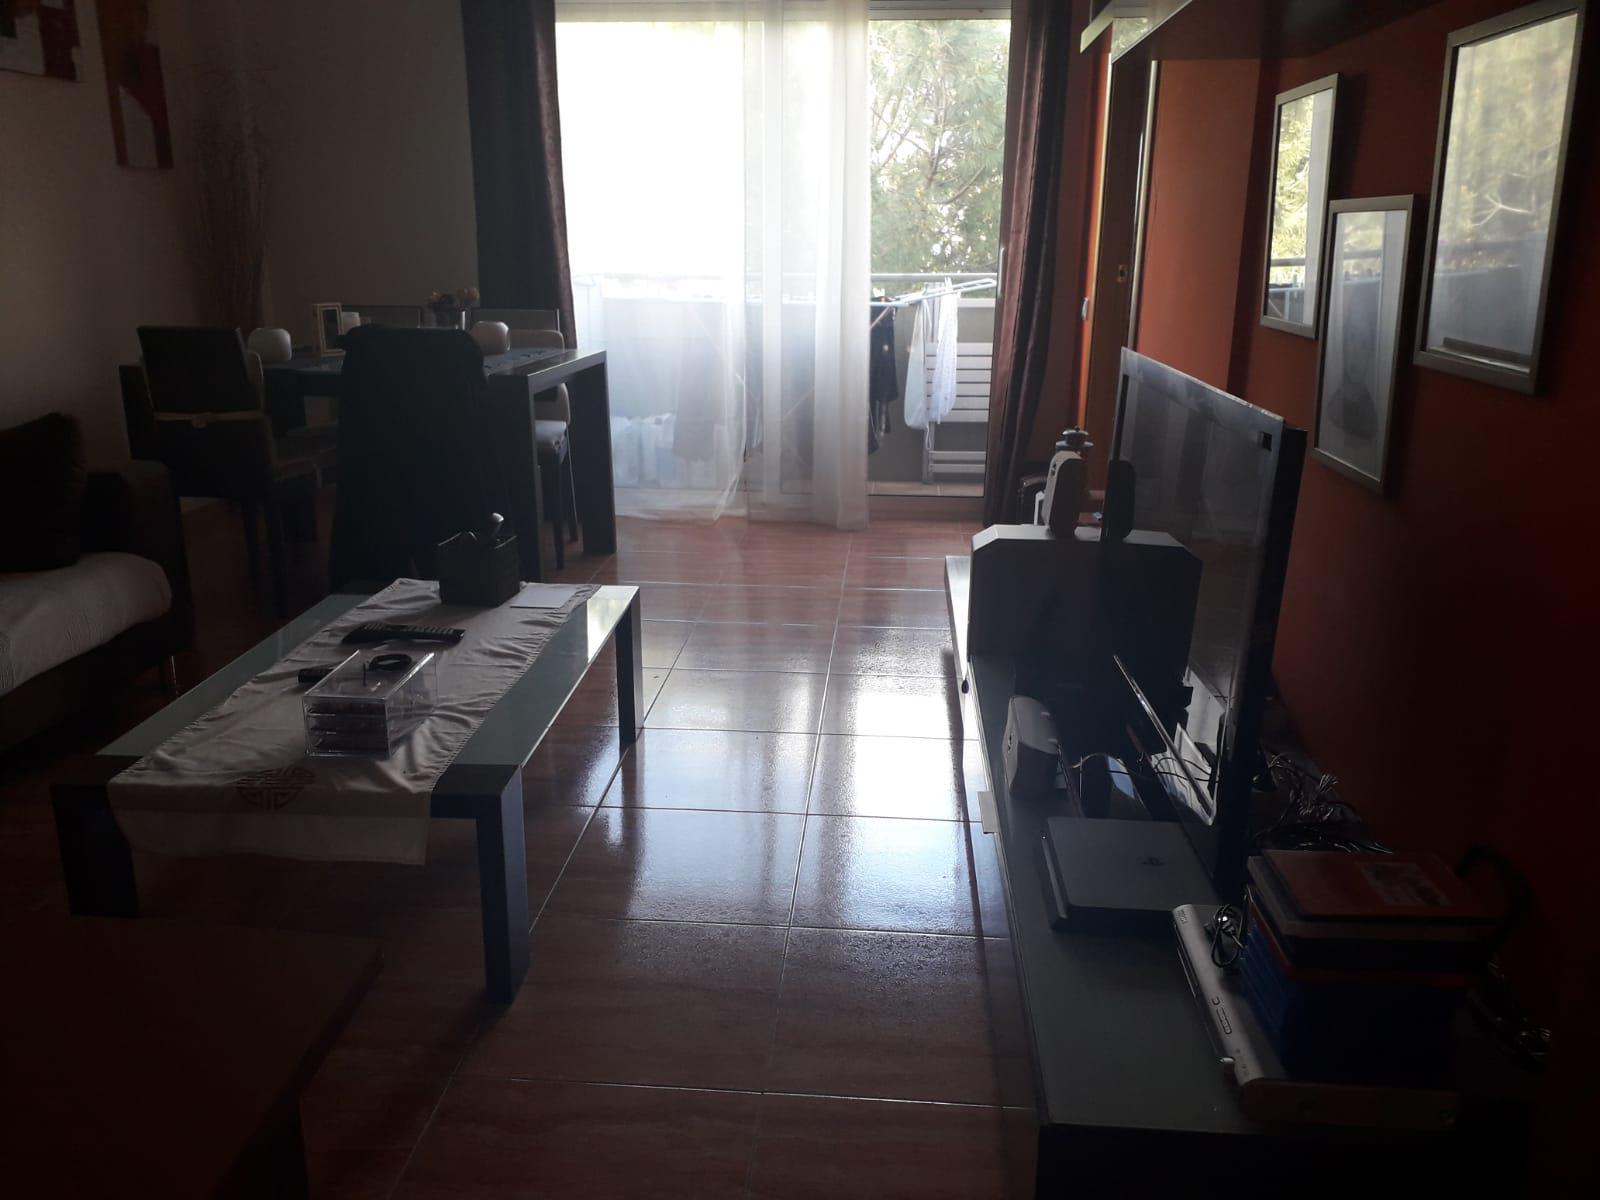 225392 - Junto Avenida del Vallès